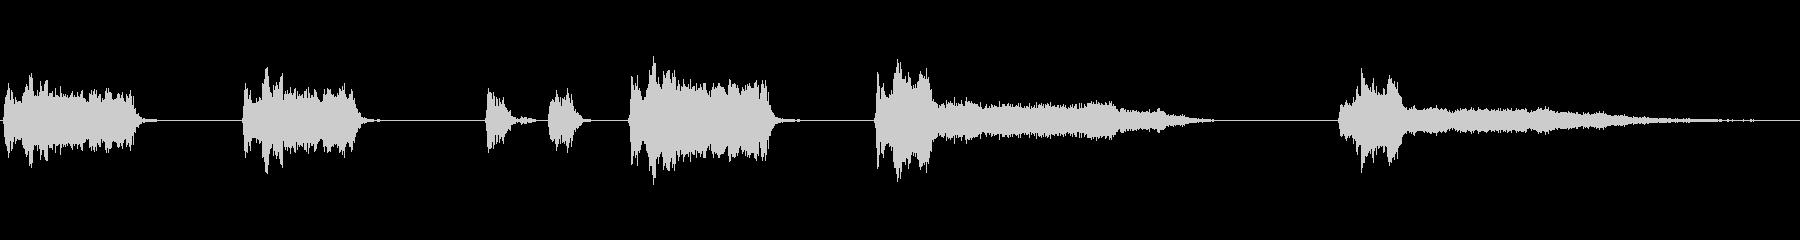 圧縮空気ディーゼルスターターの未再生の波形